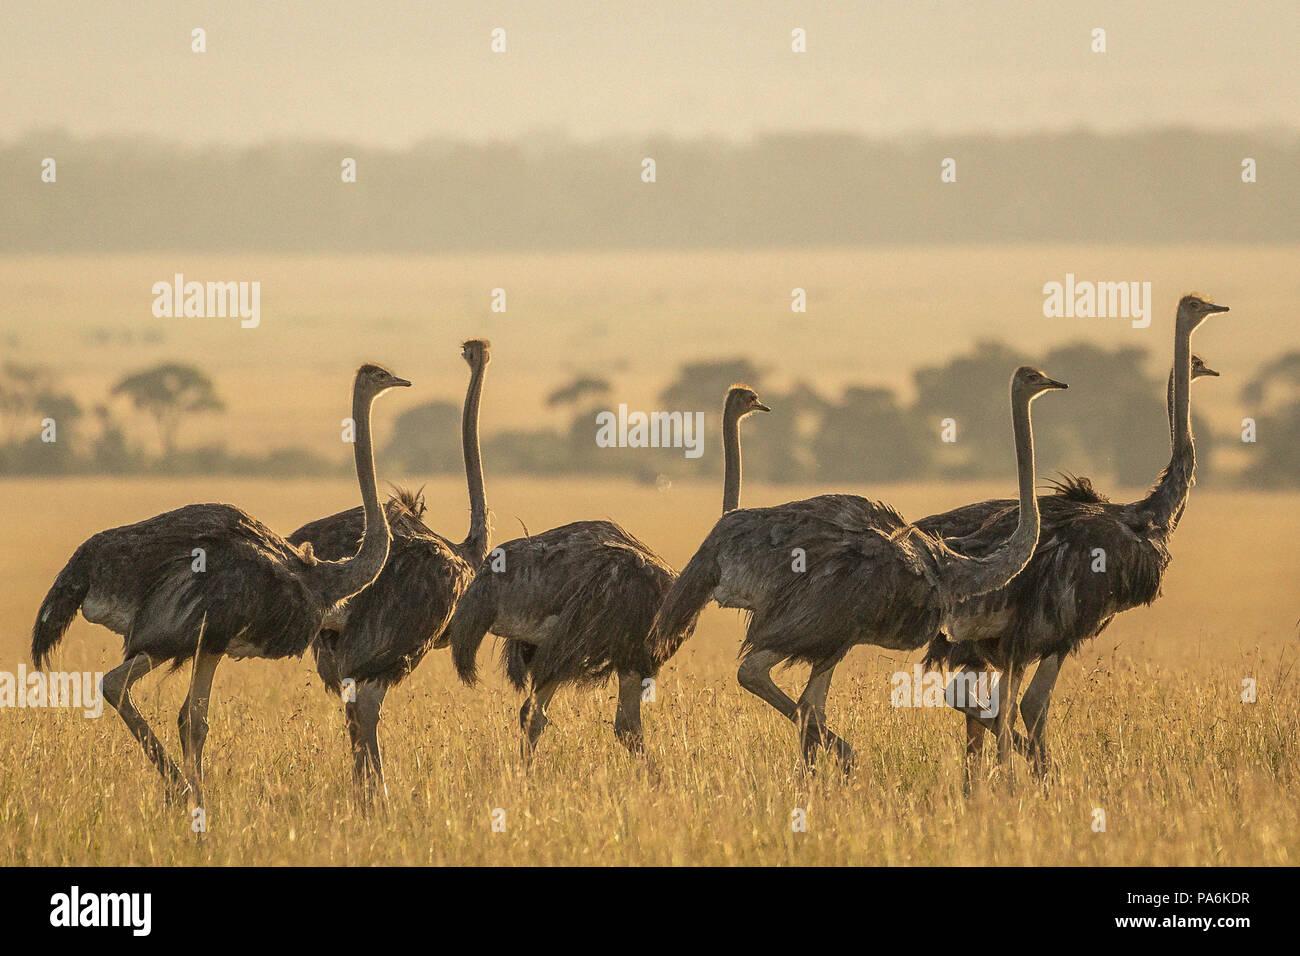 Grupo de 7 Common avestruces (Struthio camelus) caminando en la tarde en el Masai Mara en Kenia Imagen De Stock